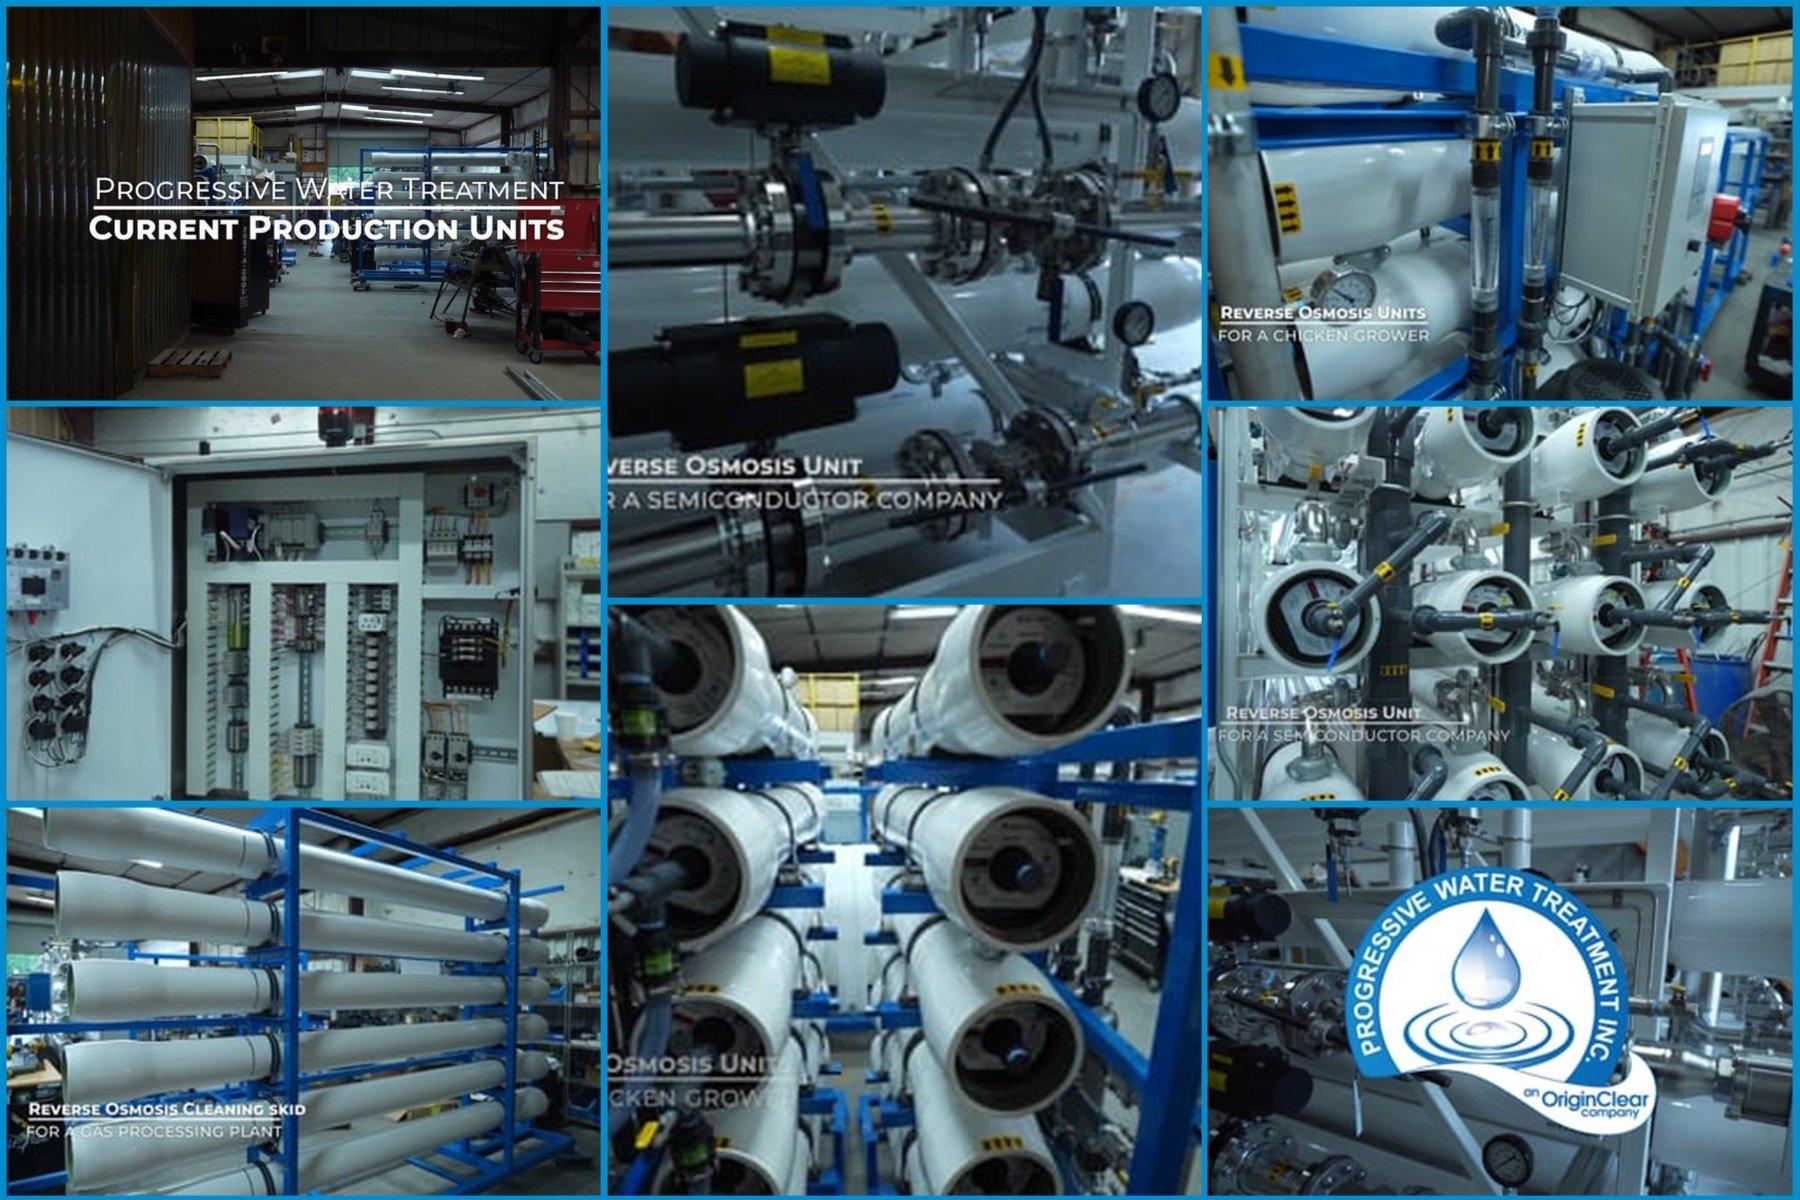 PWT Prod Units Collage 3